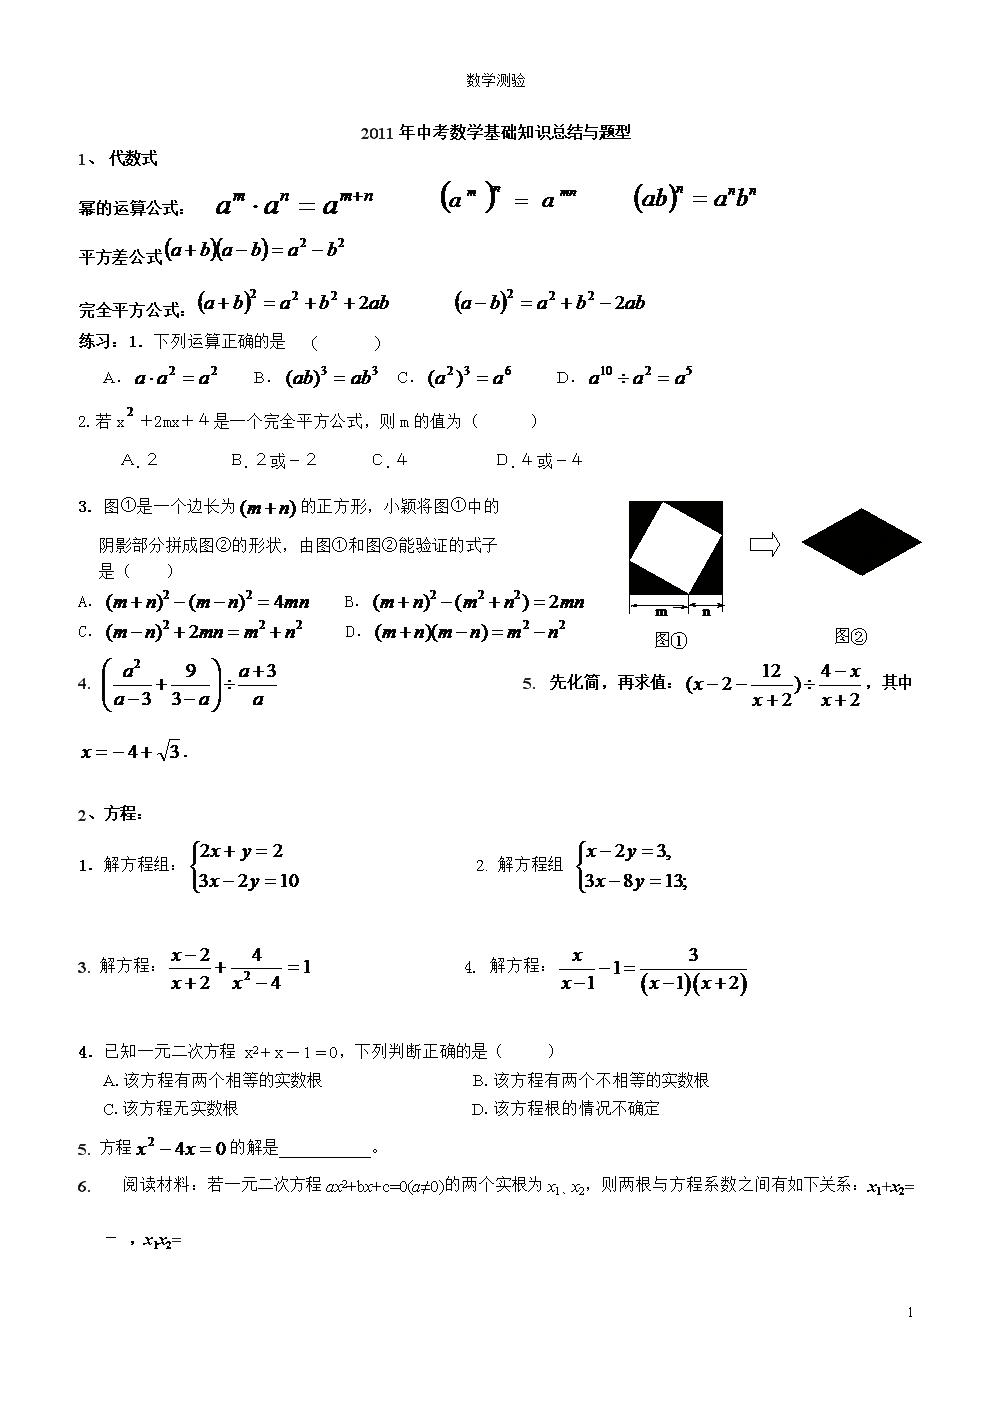 2016中考数学基础知识与题型(测验)讲义.doc